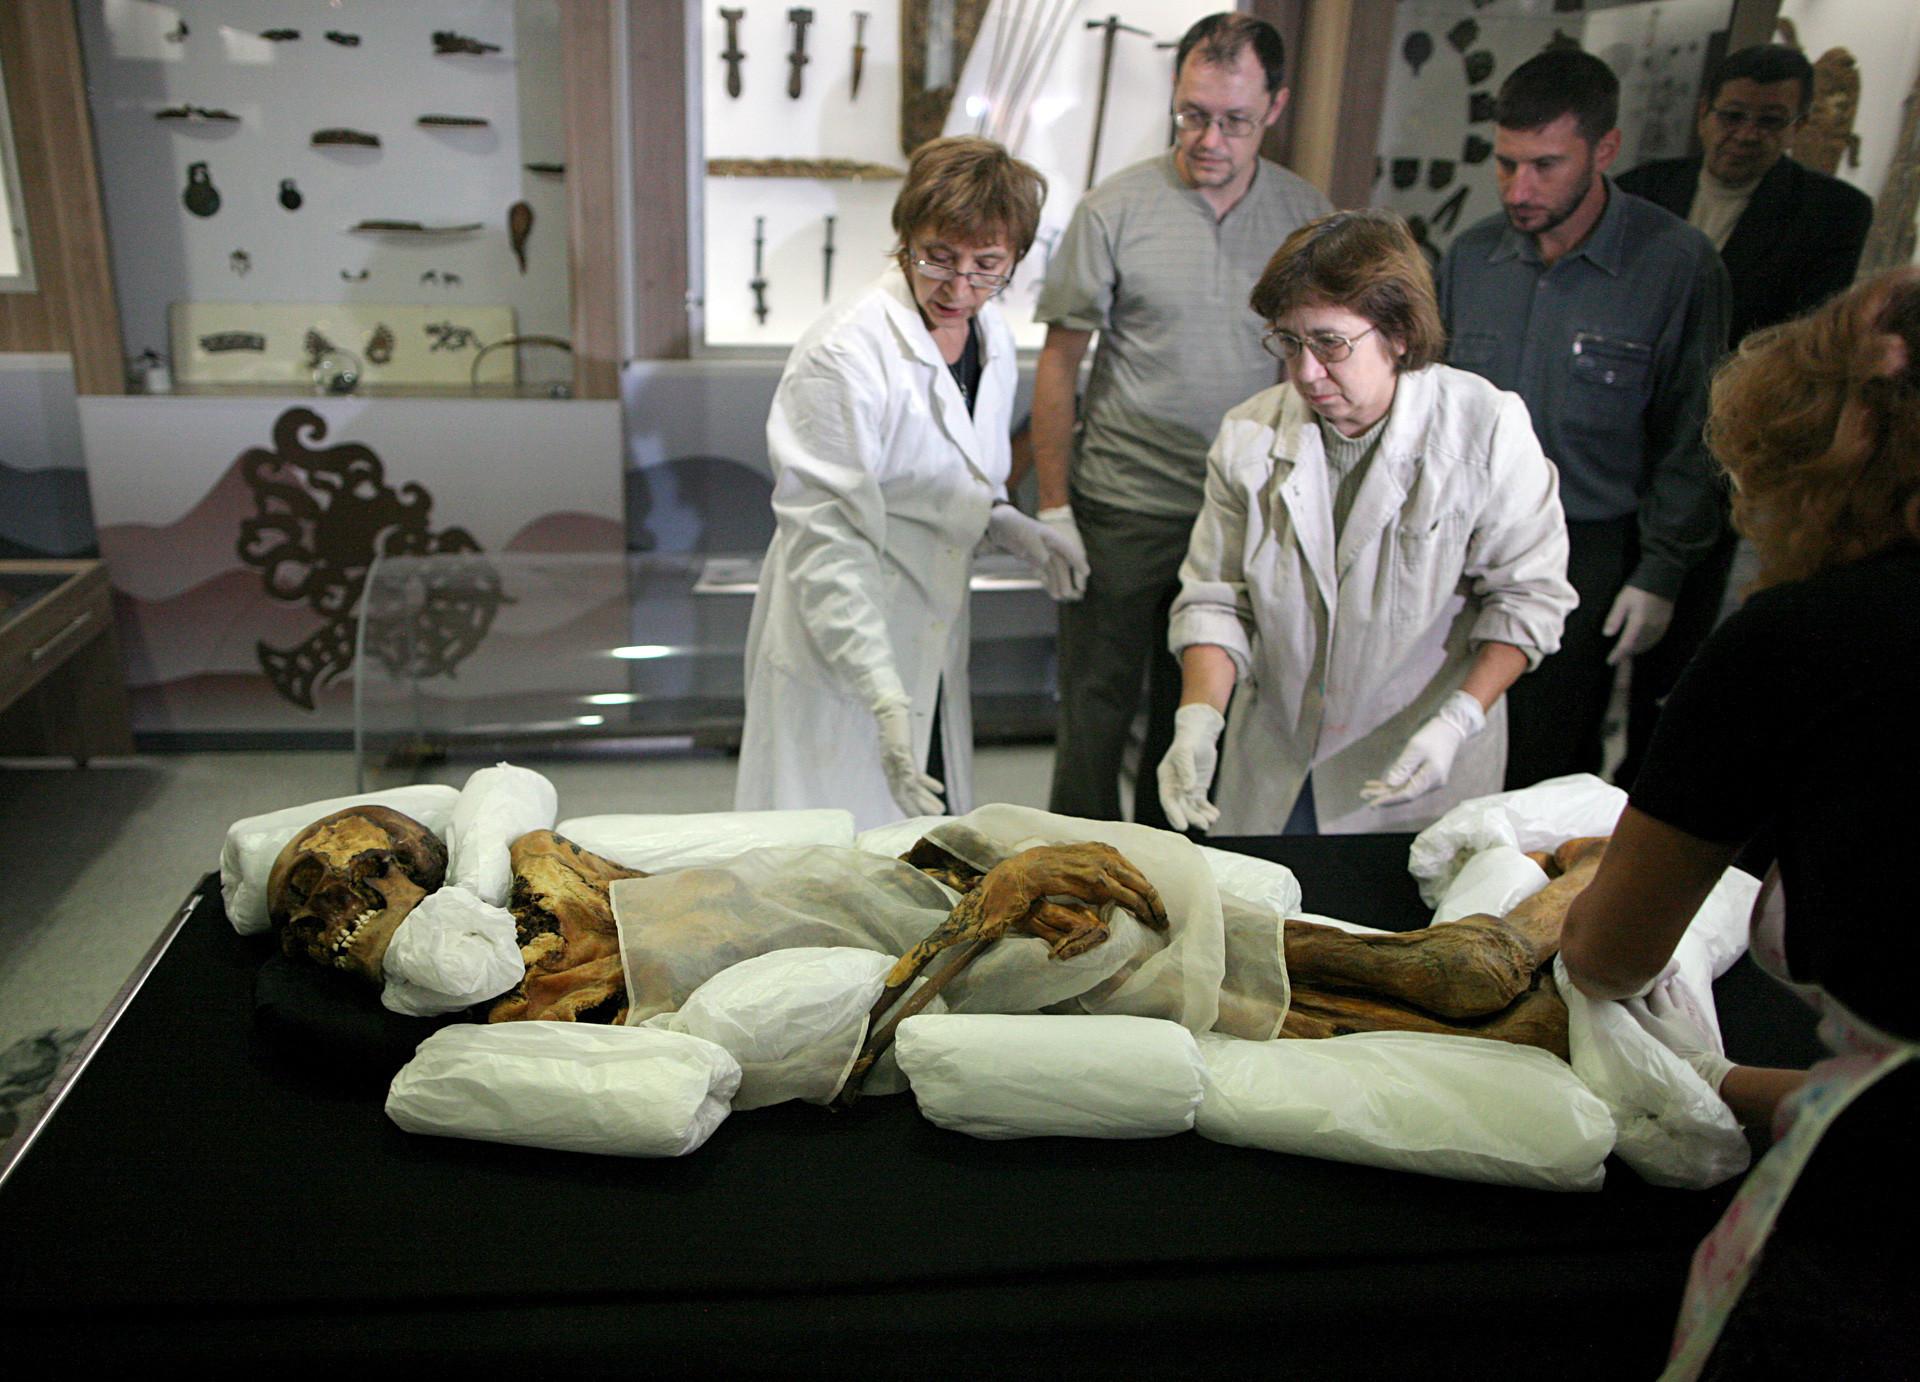 Equipe do Museu de Arqueologia e Etnografia da filial siberiana da Academia Russa de Ciências embala a múmia da Princesa de Ukok para entregá-la ao Museu Nacional de A.V. Anokhin, na República de Altai.